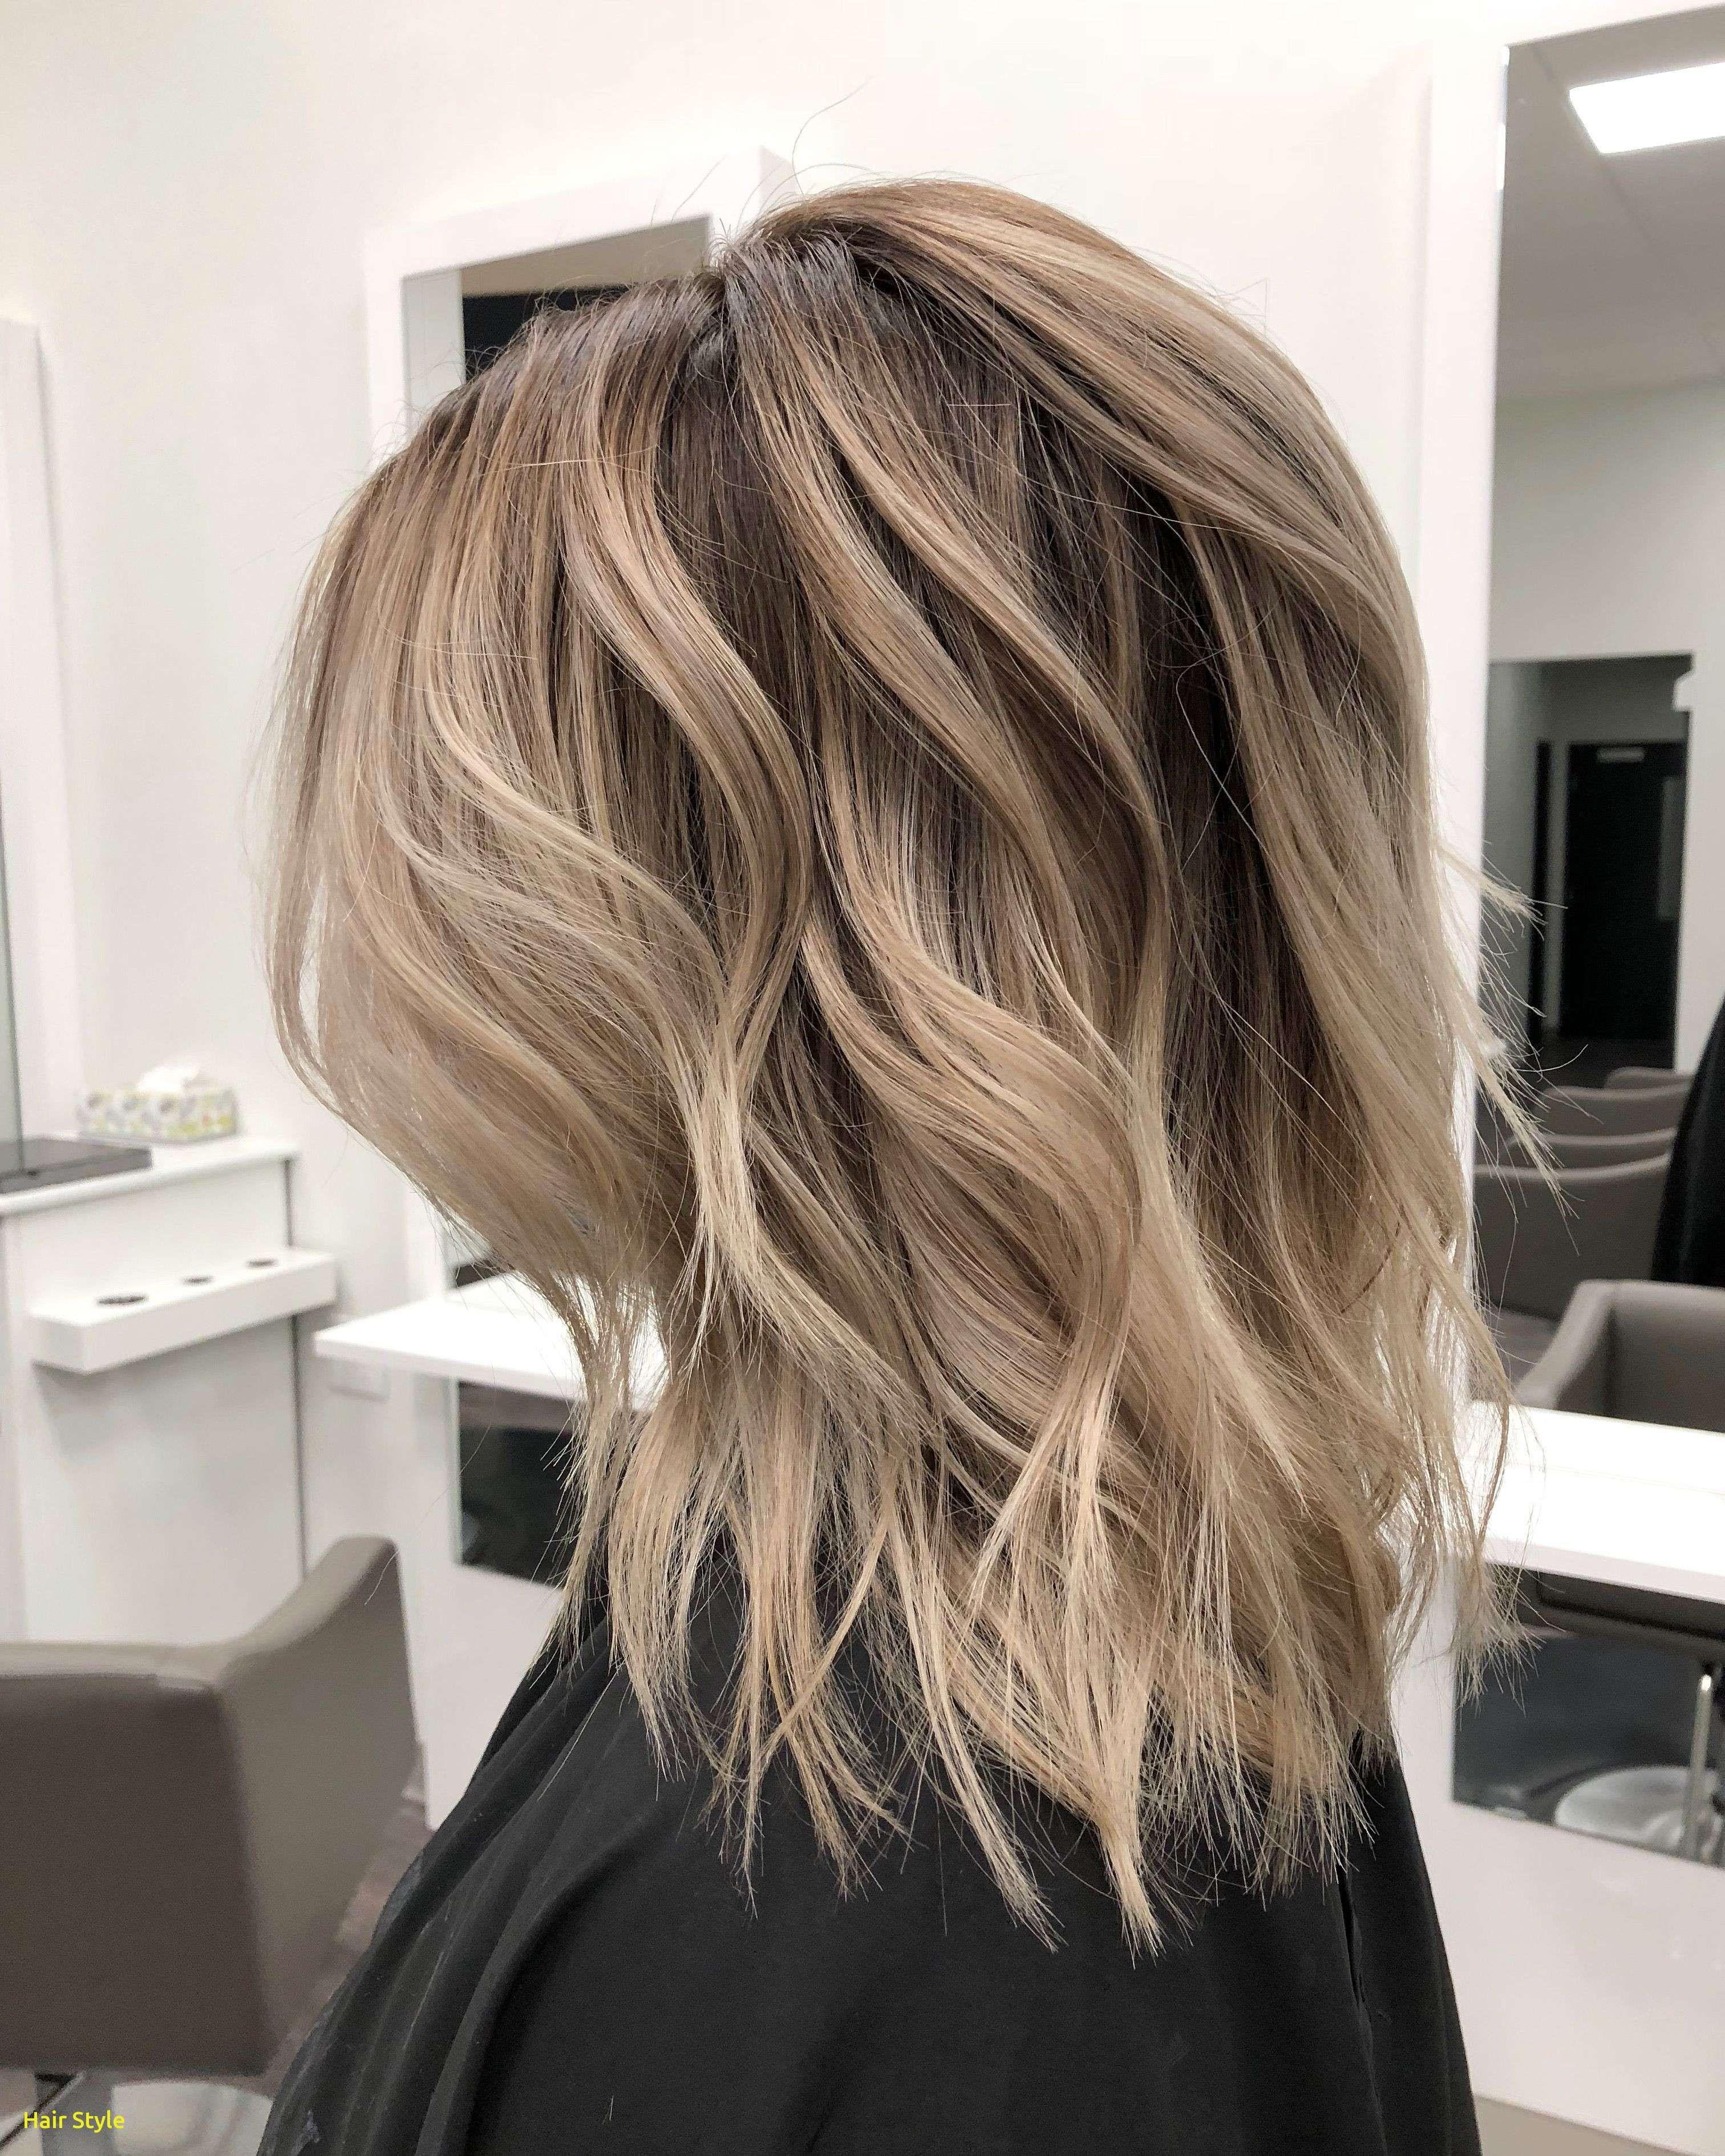 Fantastische Haartrends 2019 Decorating My Head Lang Haar